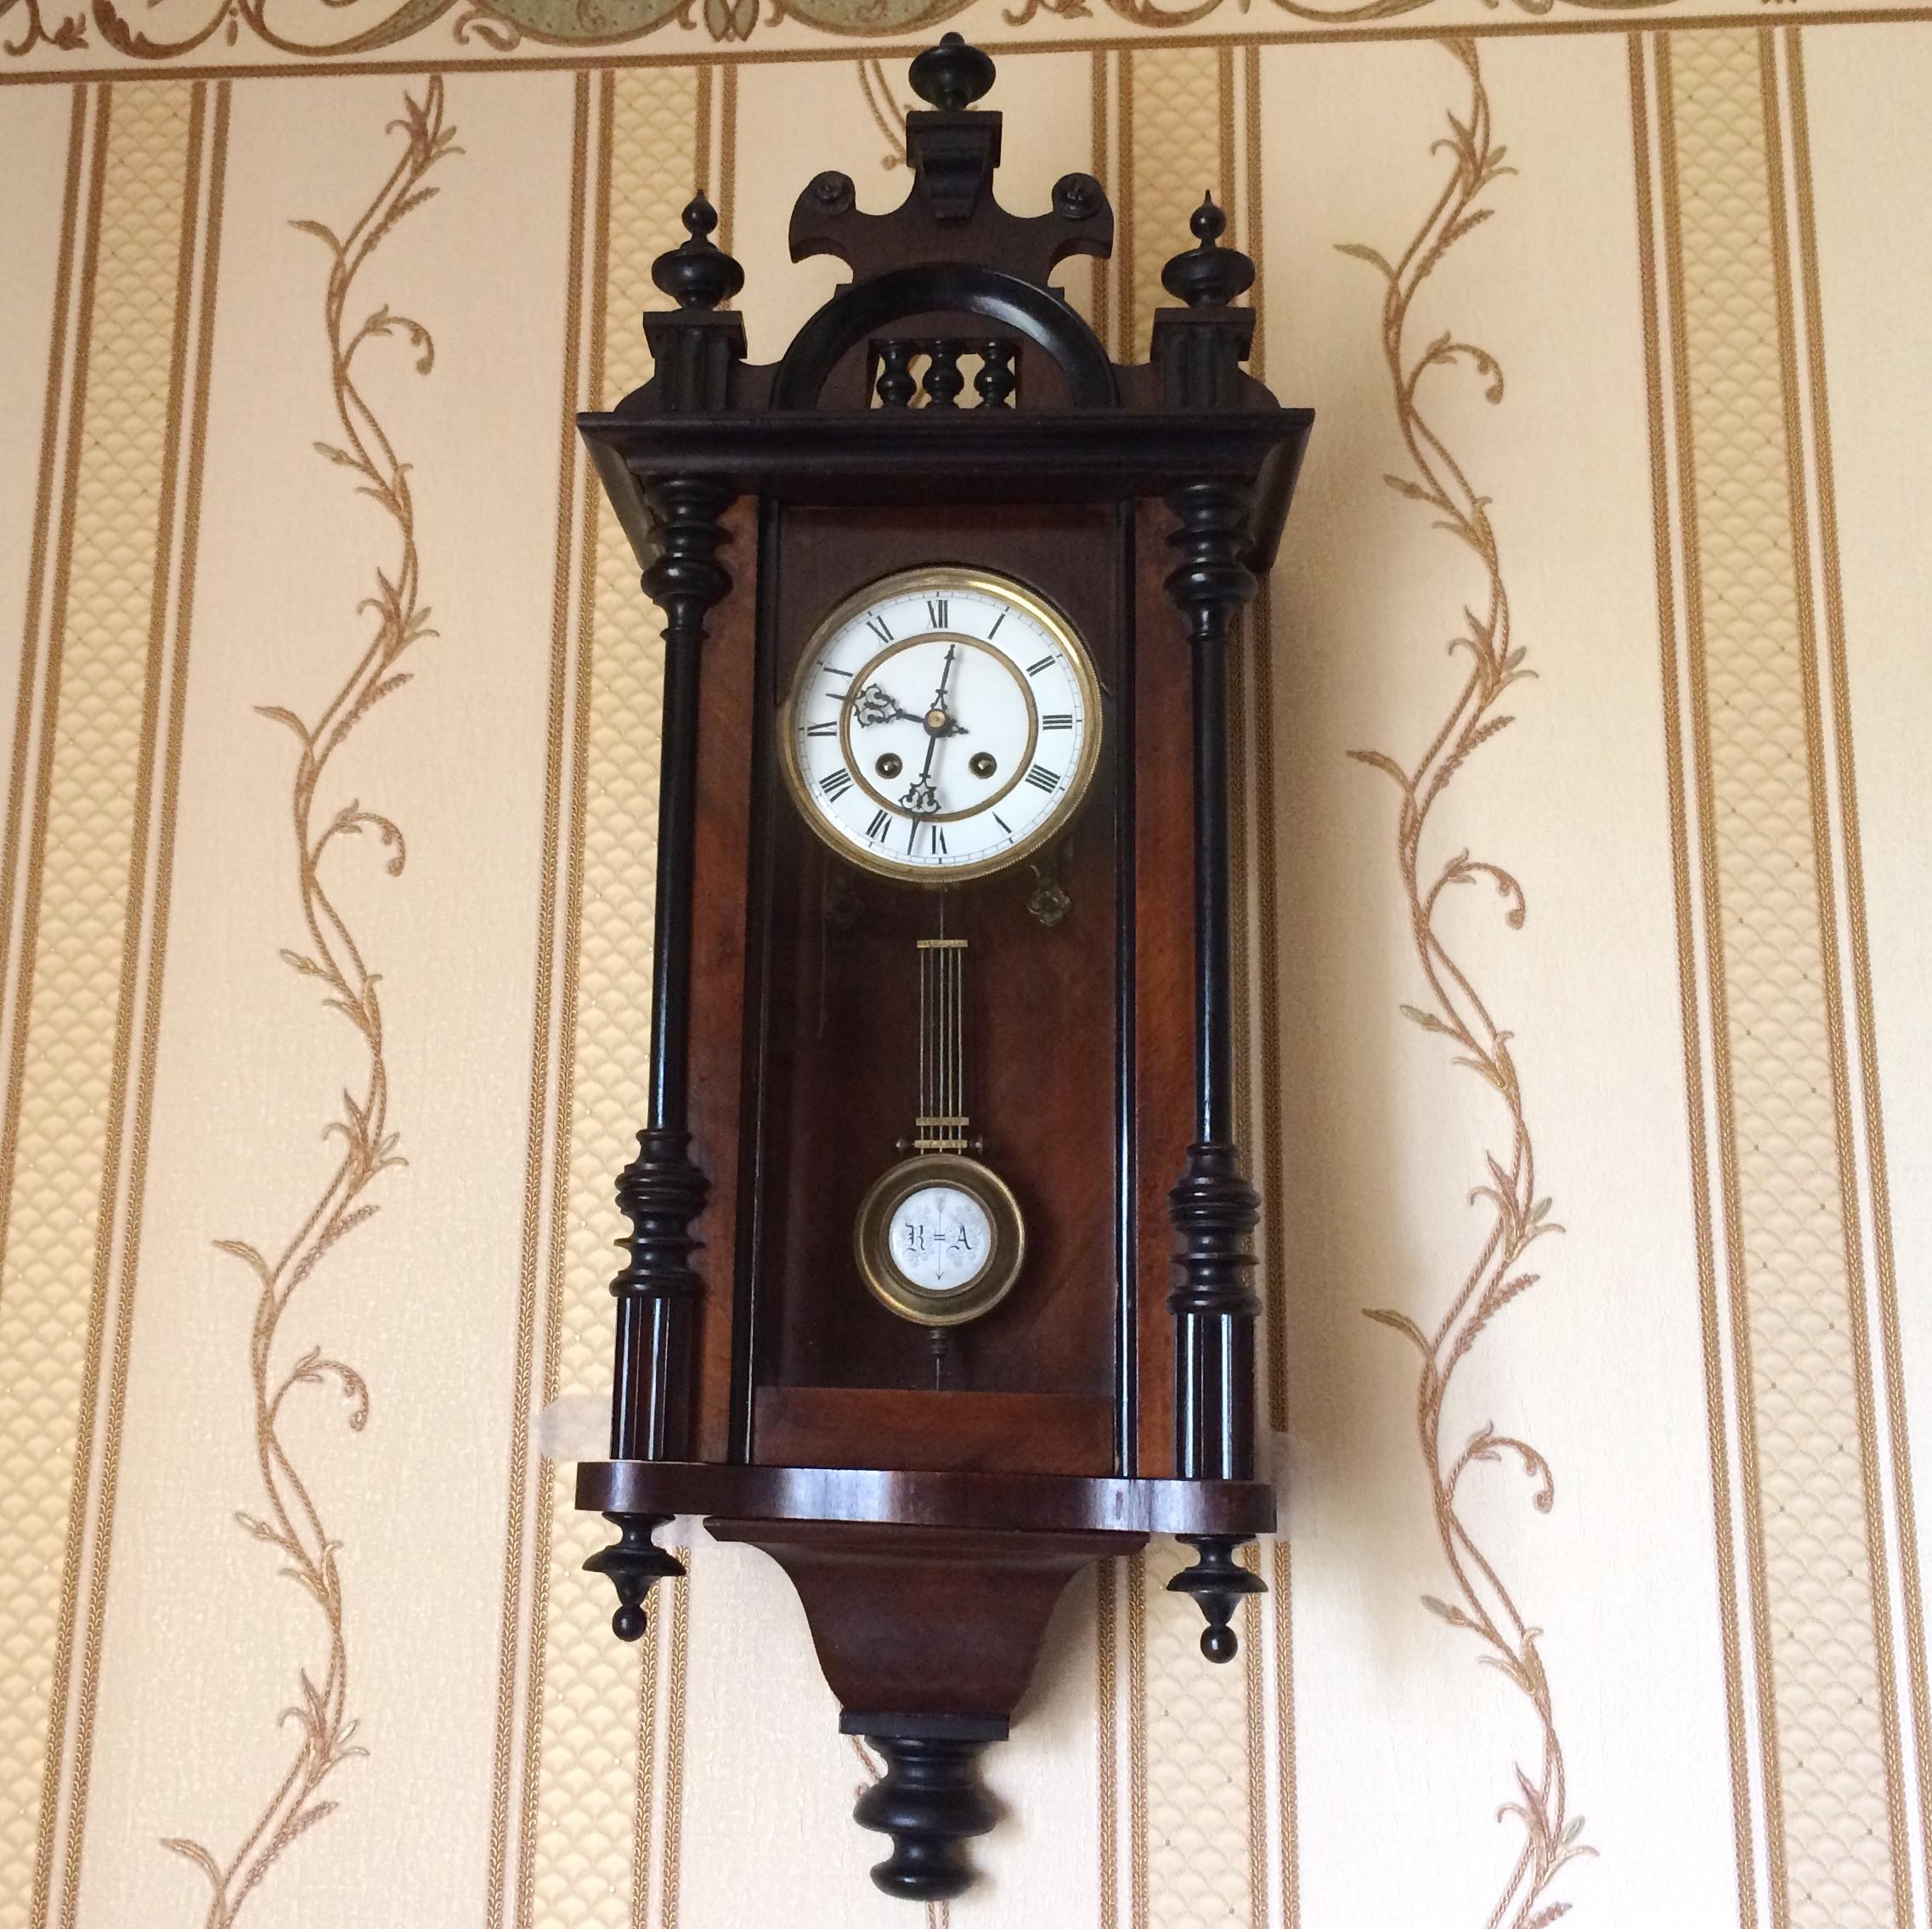 часы старинные настенные дорогие ценятся фото чудесный